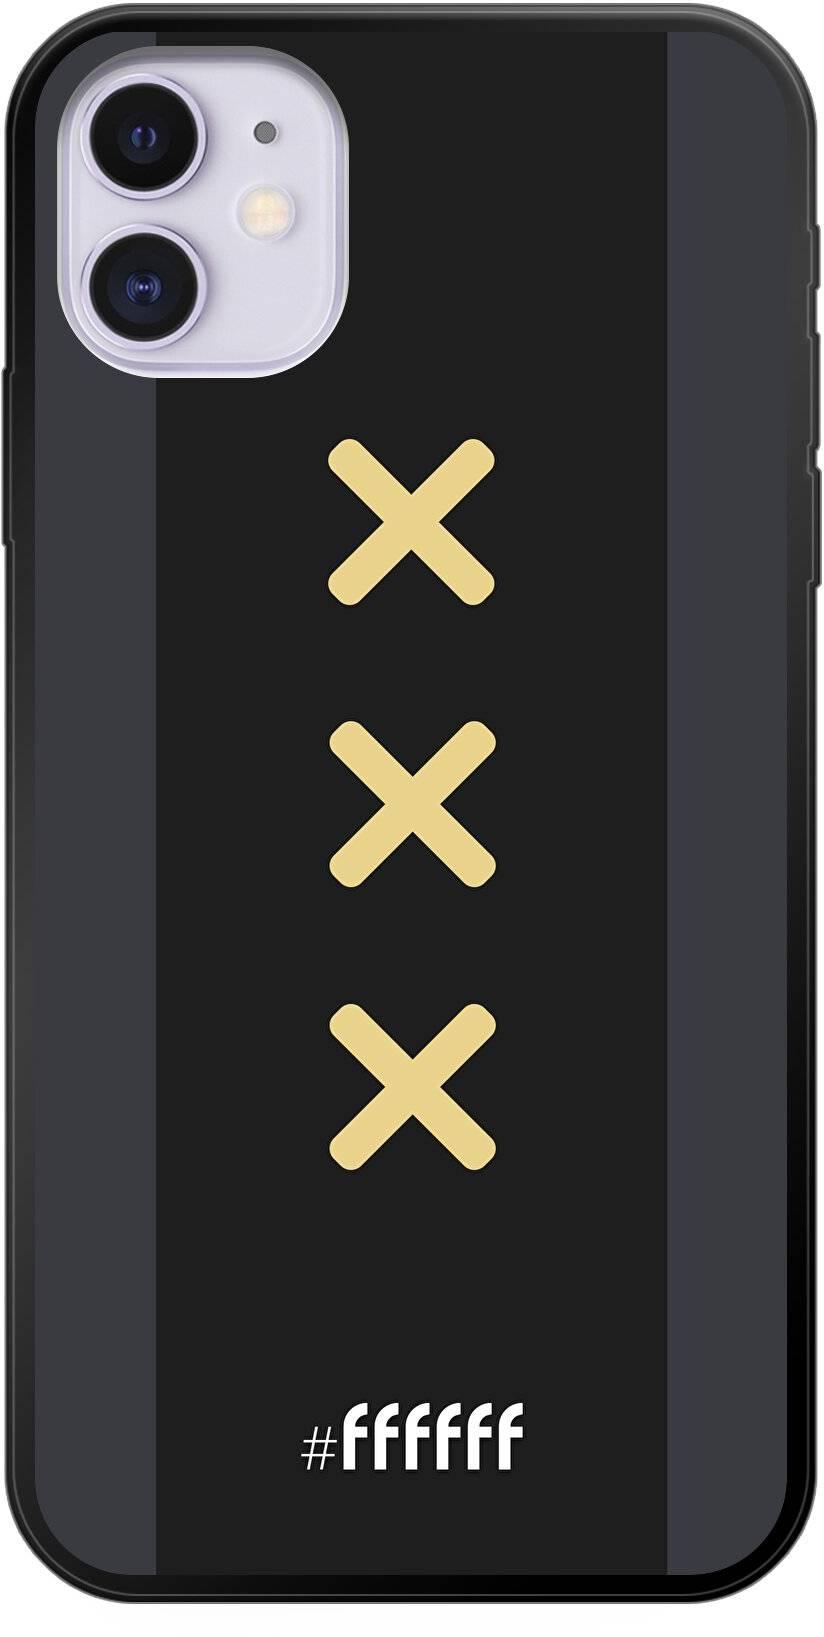 Ajax Europees Uitshirt 2020-2021 iPhone 11